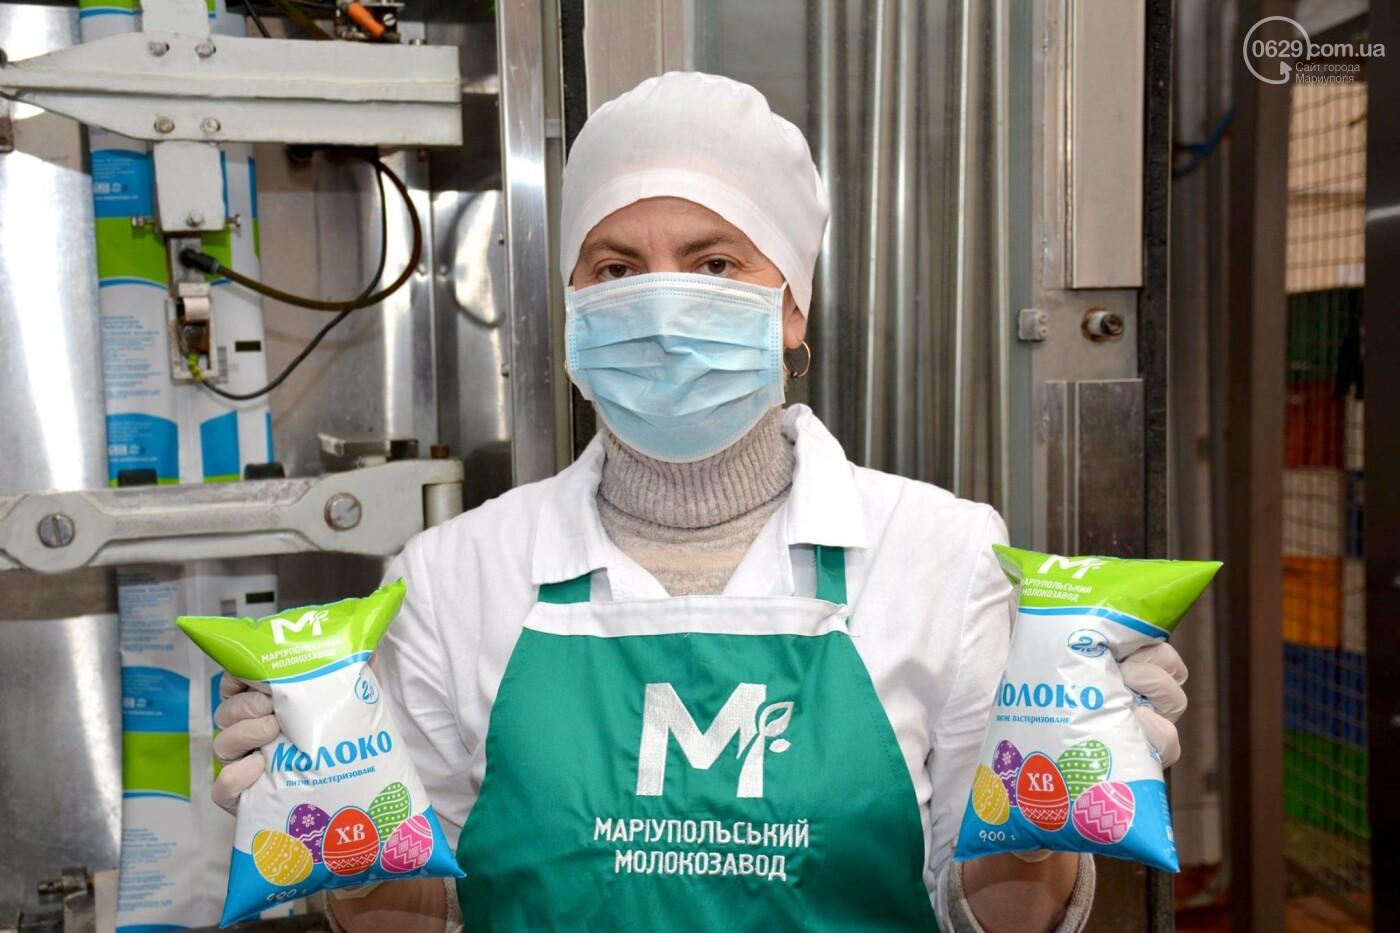 Вкусные подарки к Пасхе от Мариупольского молокозавода!, фото-7